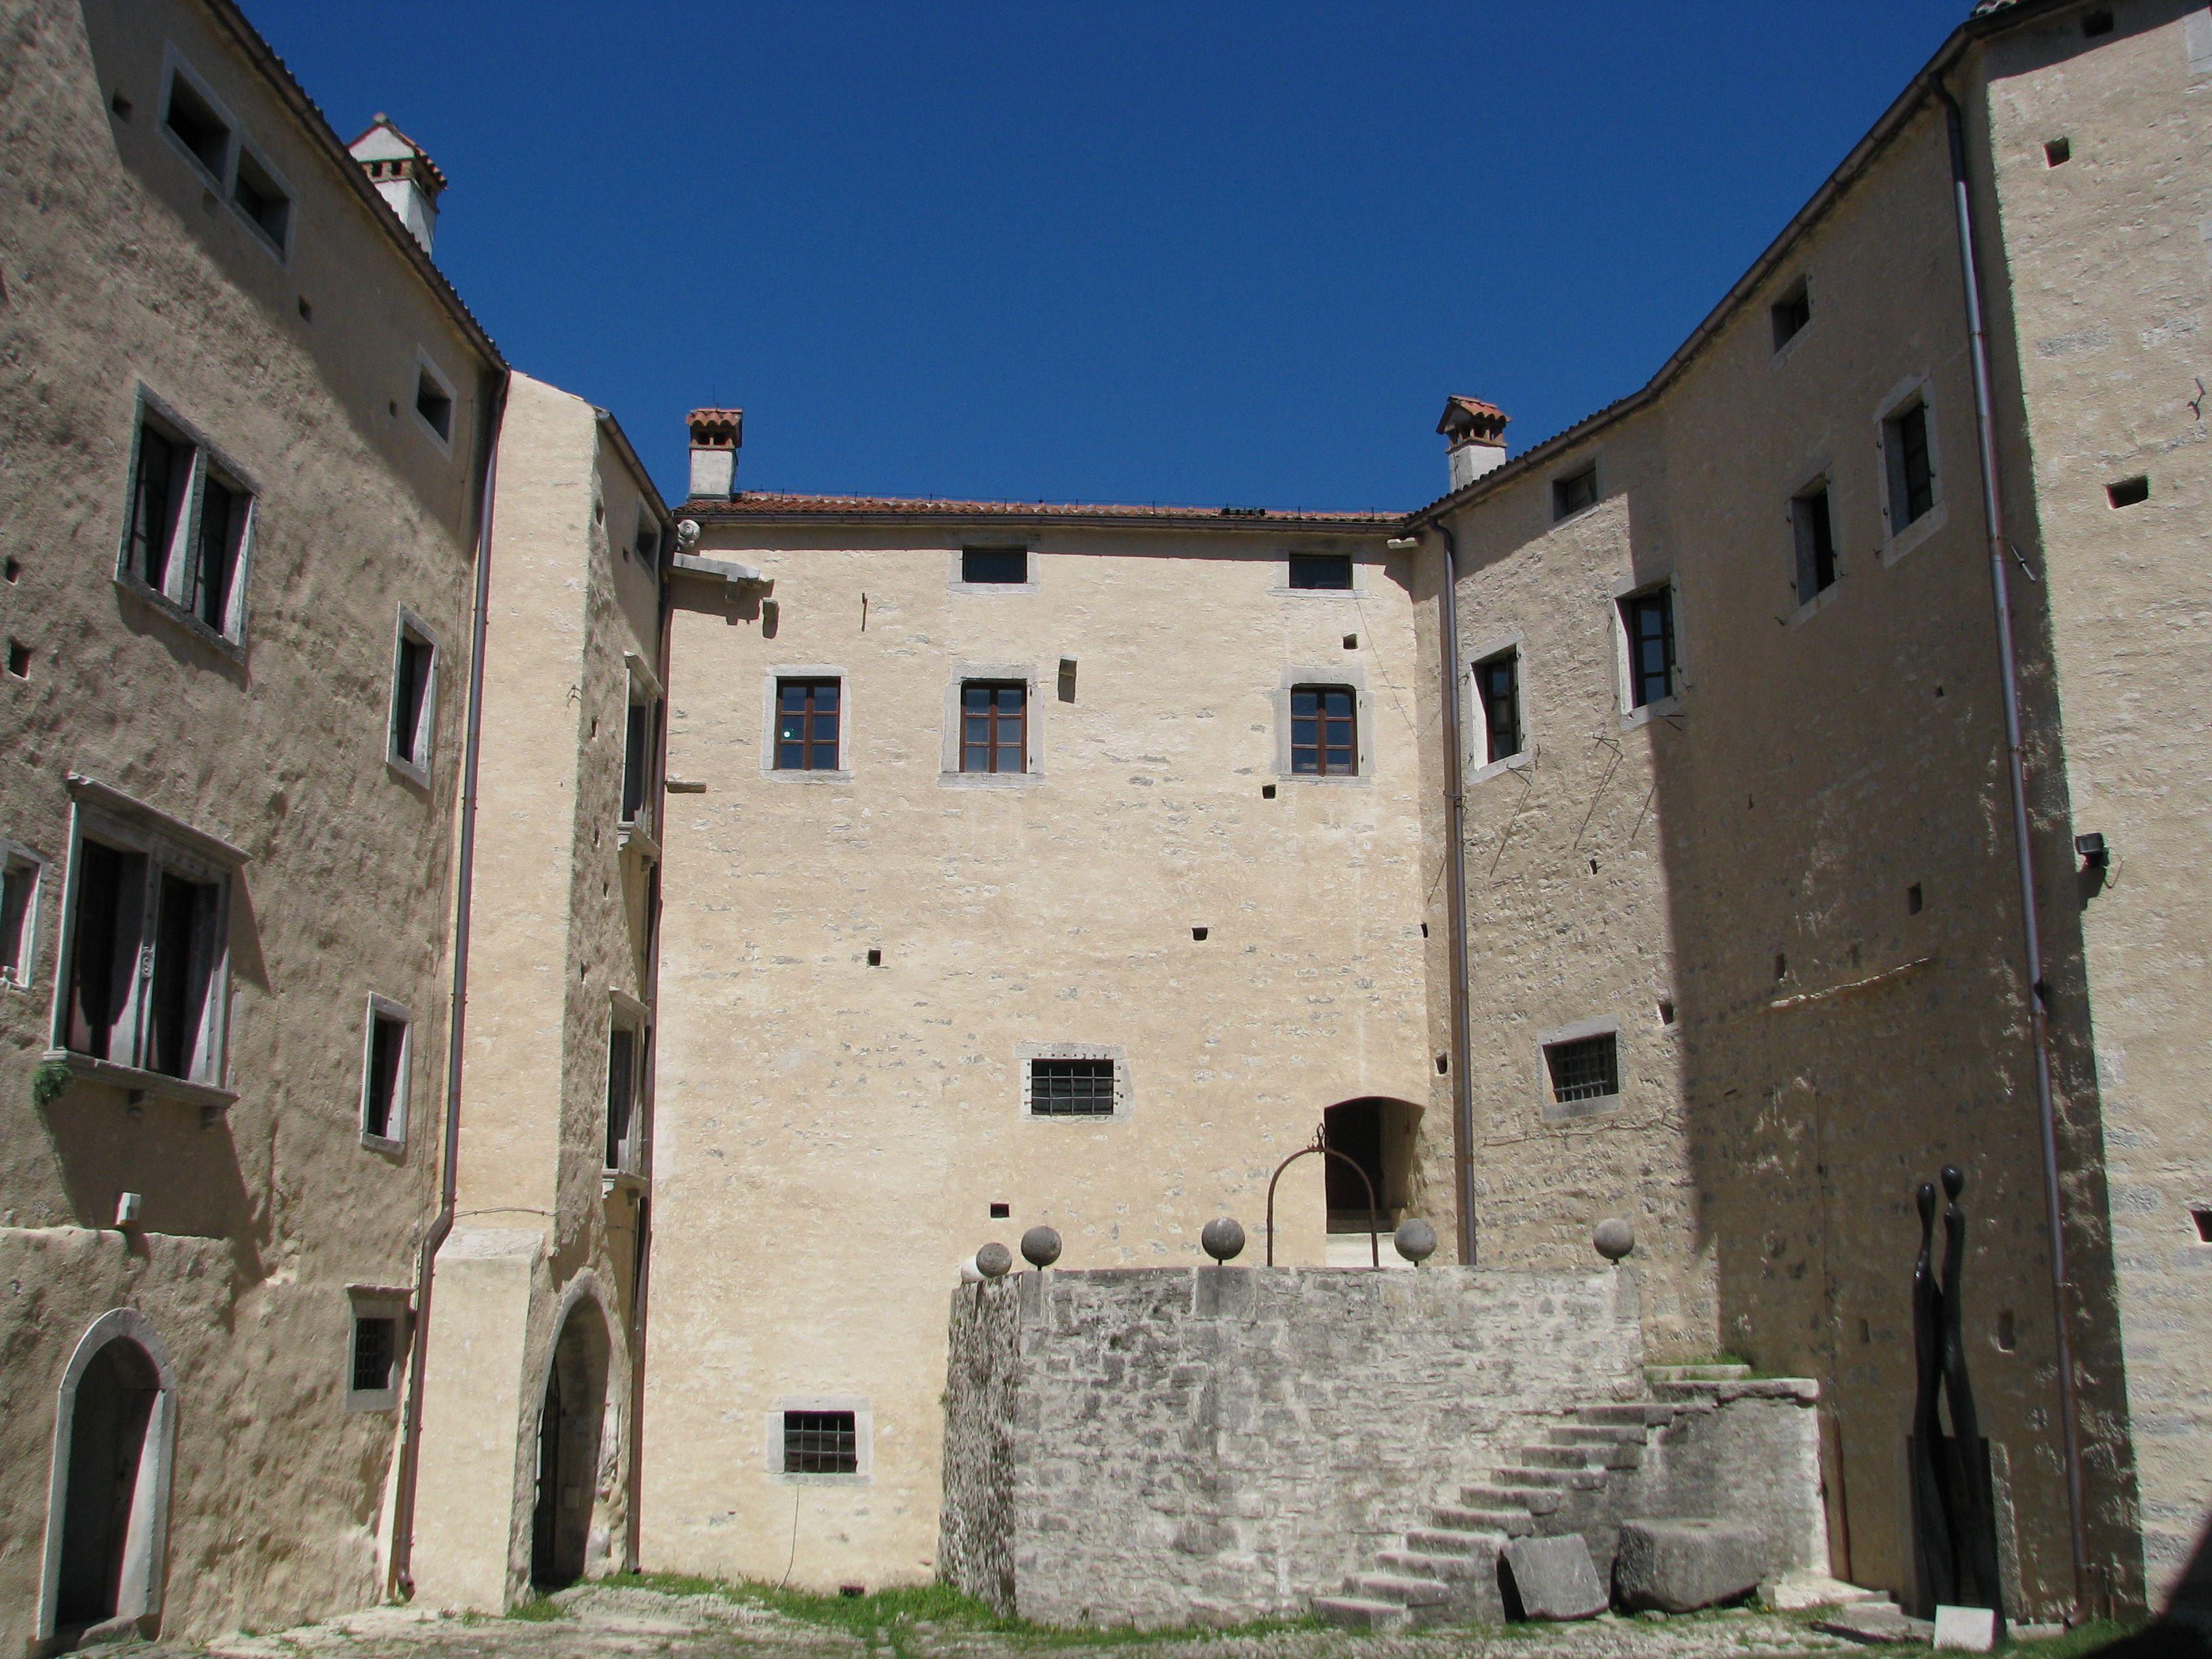 Montecuccolo castle, Pavullo nel Frignano MO